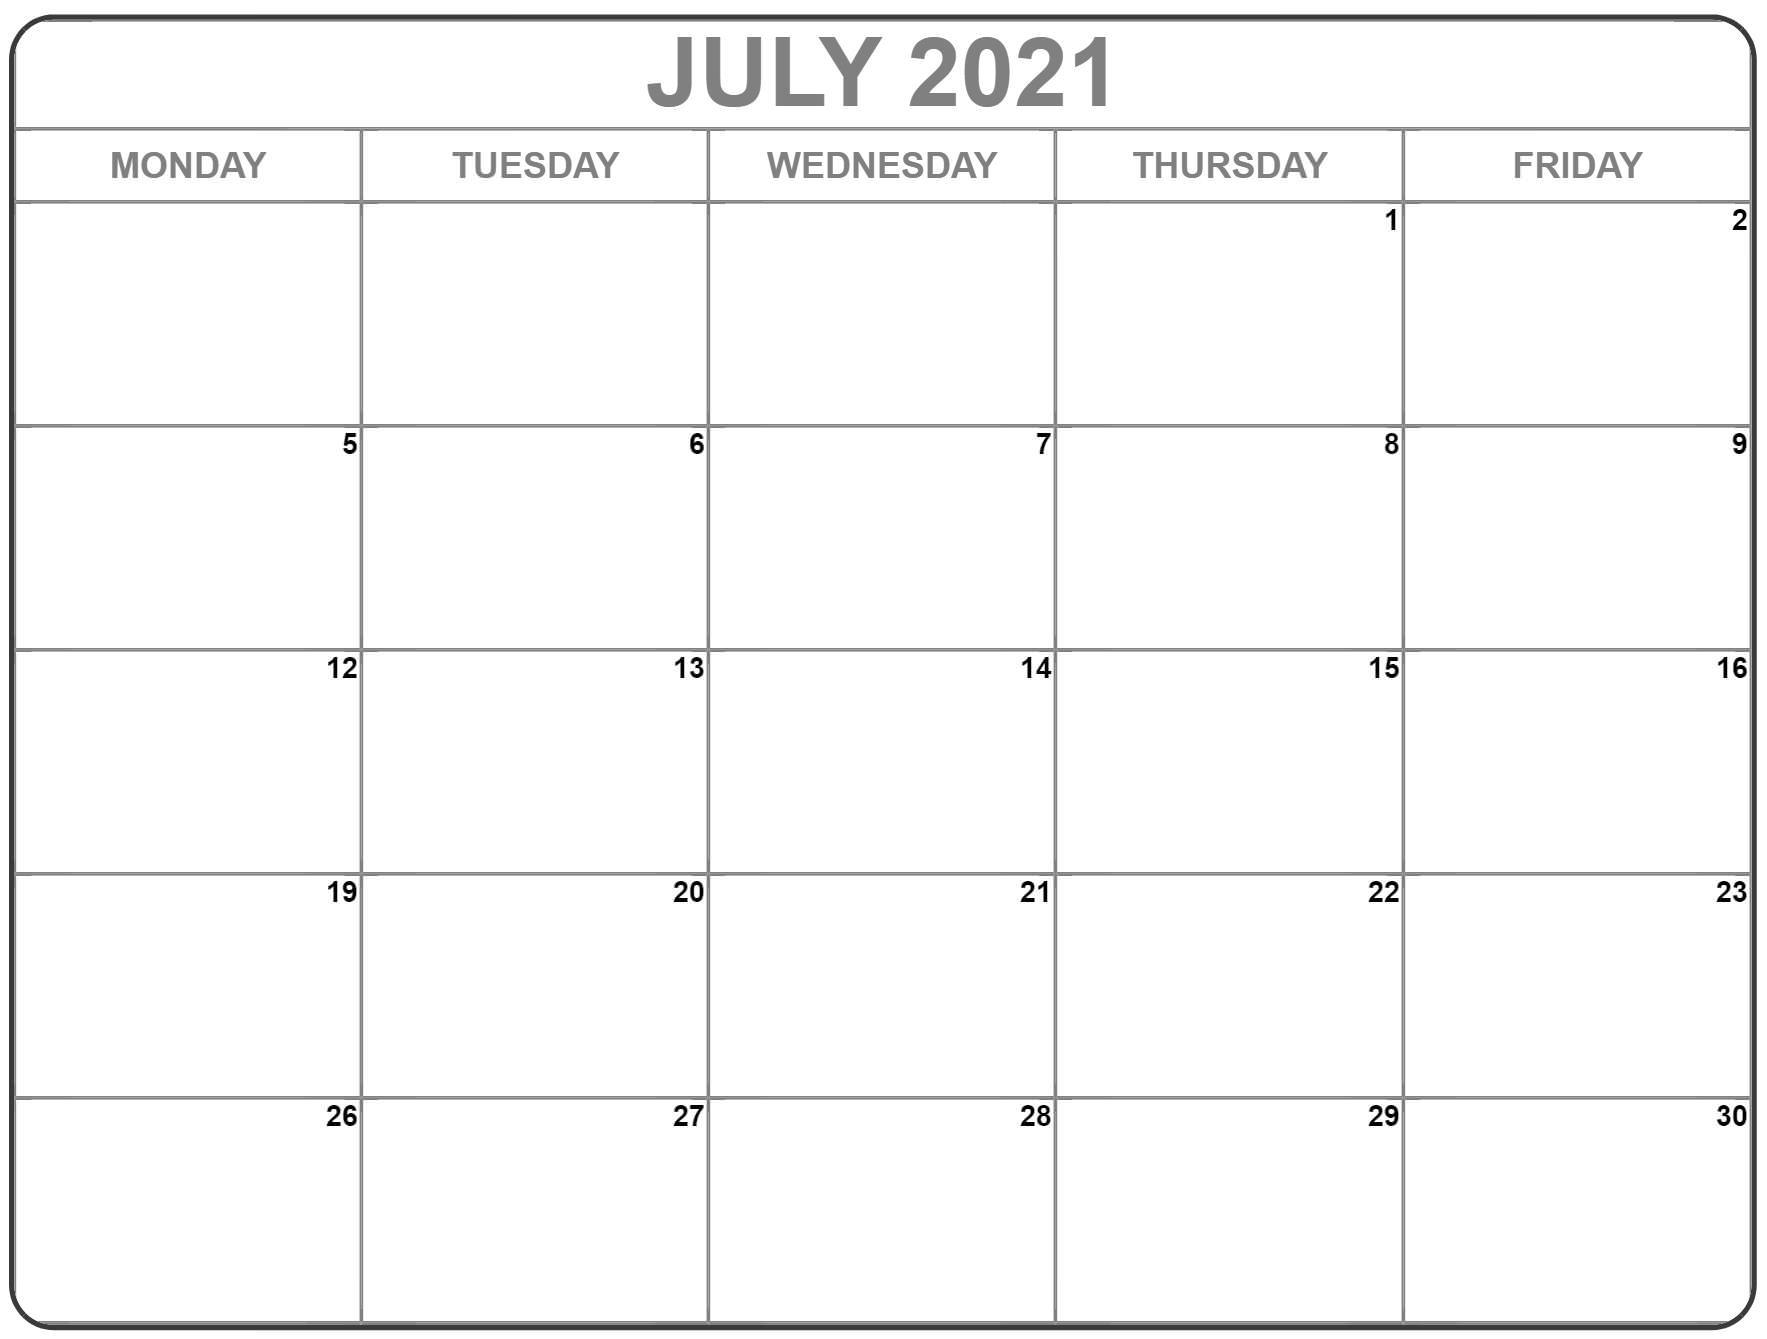 July 2021 Monday Calendar | Monday To Sunday Blank Calendar July 2020 To June 2021